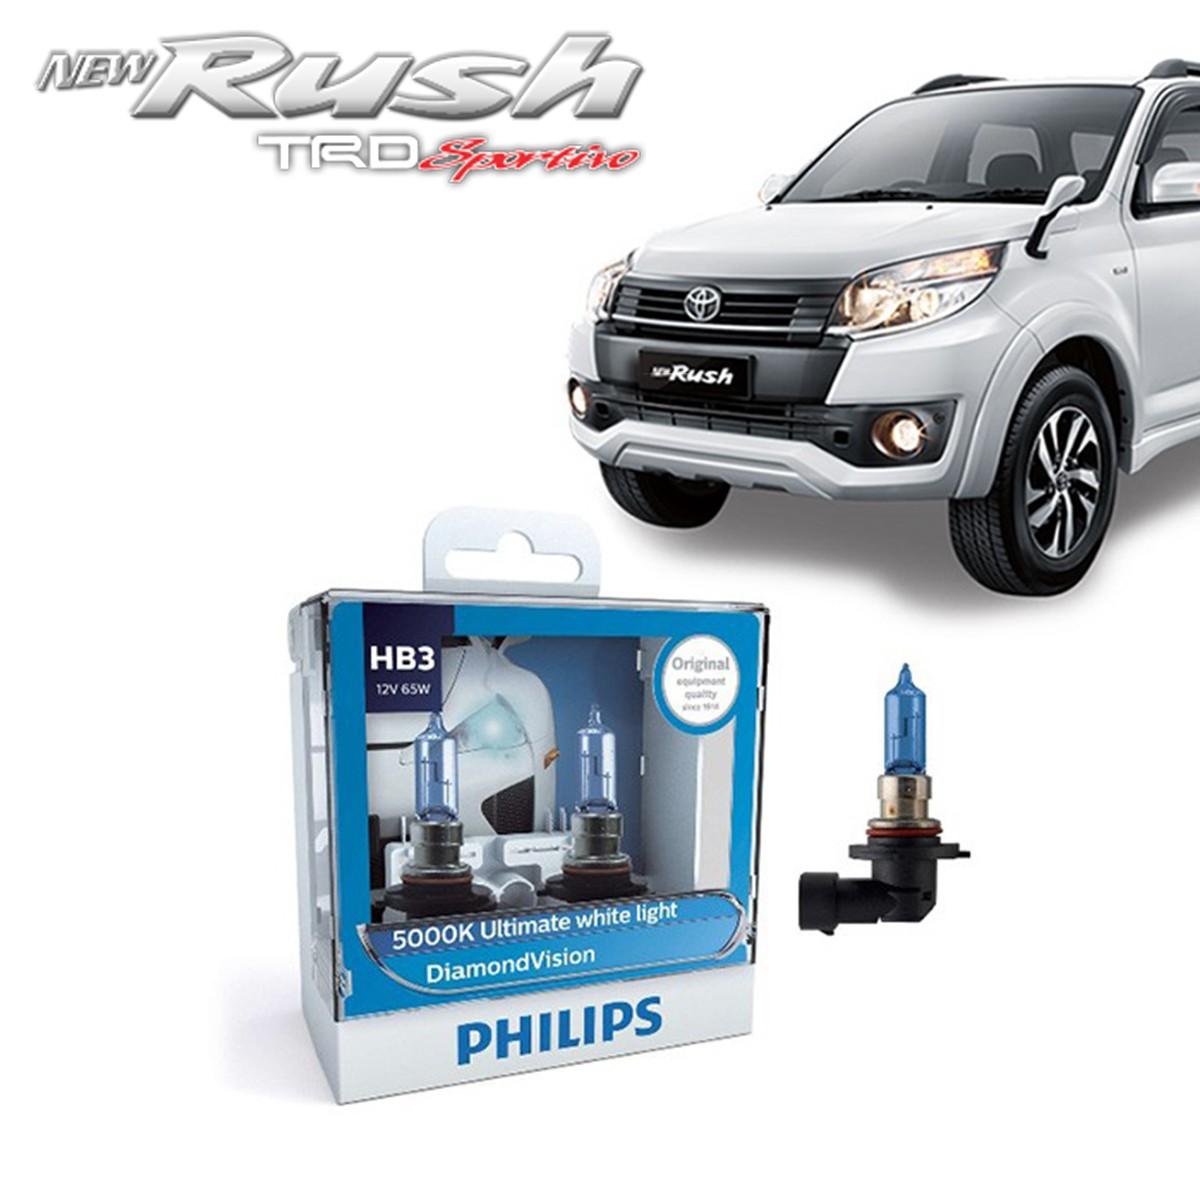 PHILIPS DIAMOND VISION HB3 (5000K) - LAMPU HALOGEN TOYOTA RUSH